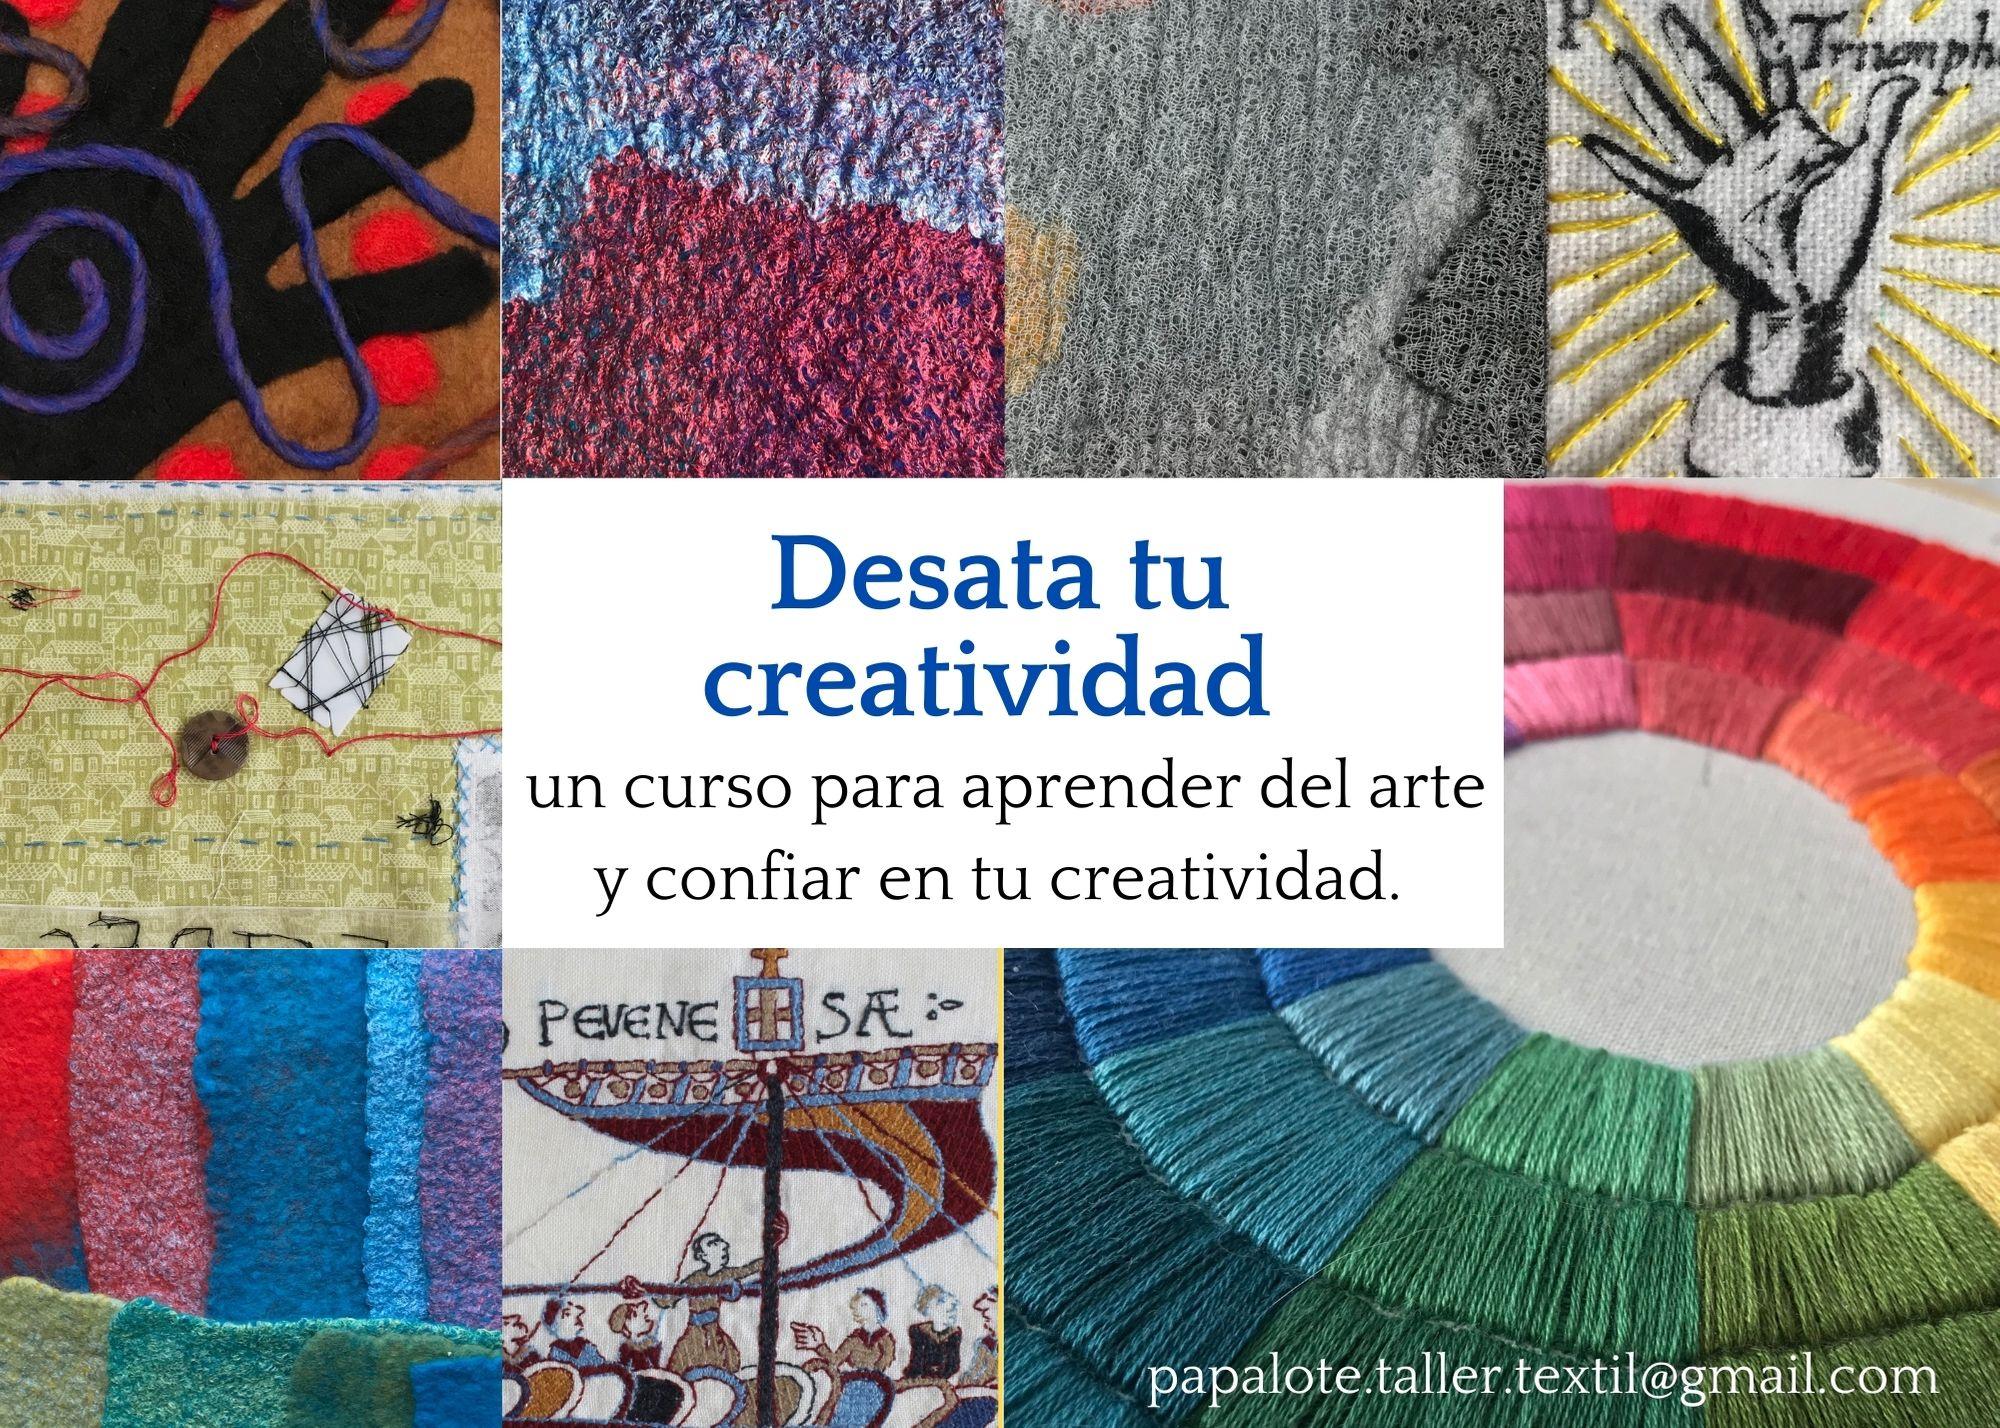 Desata tu creatividad